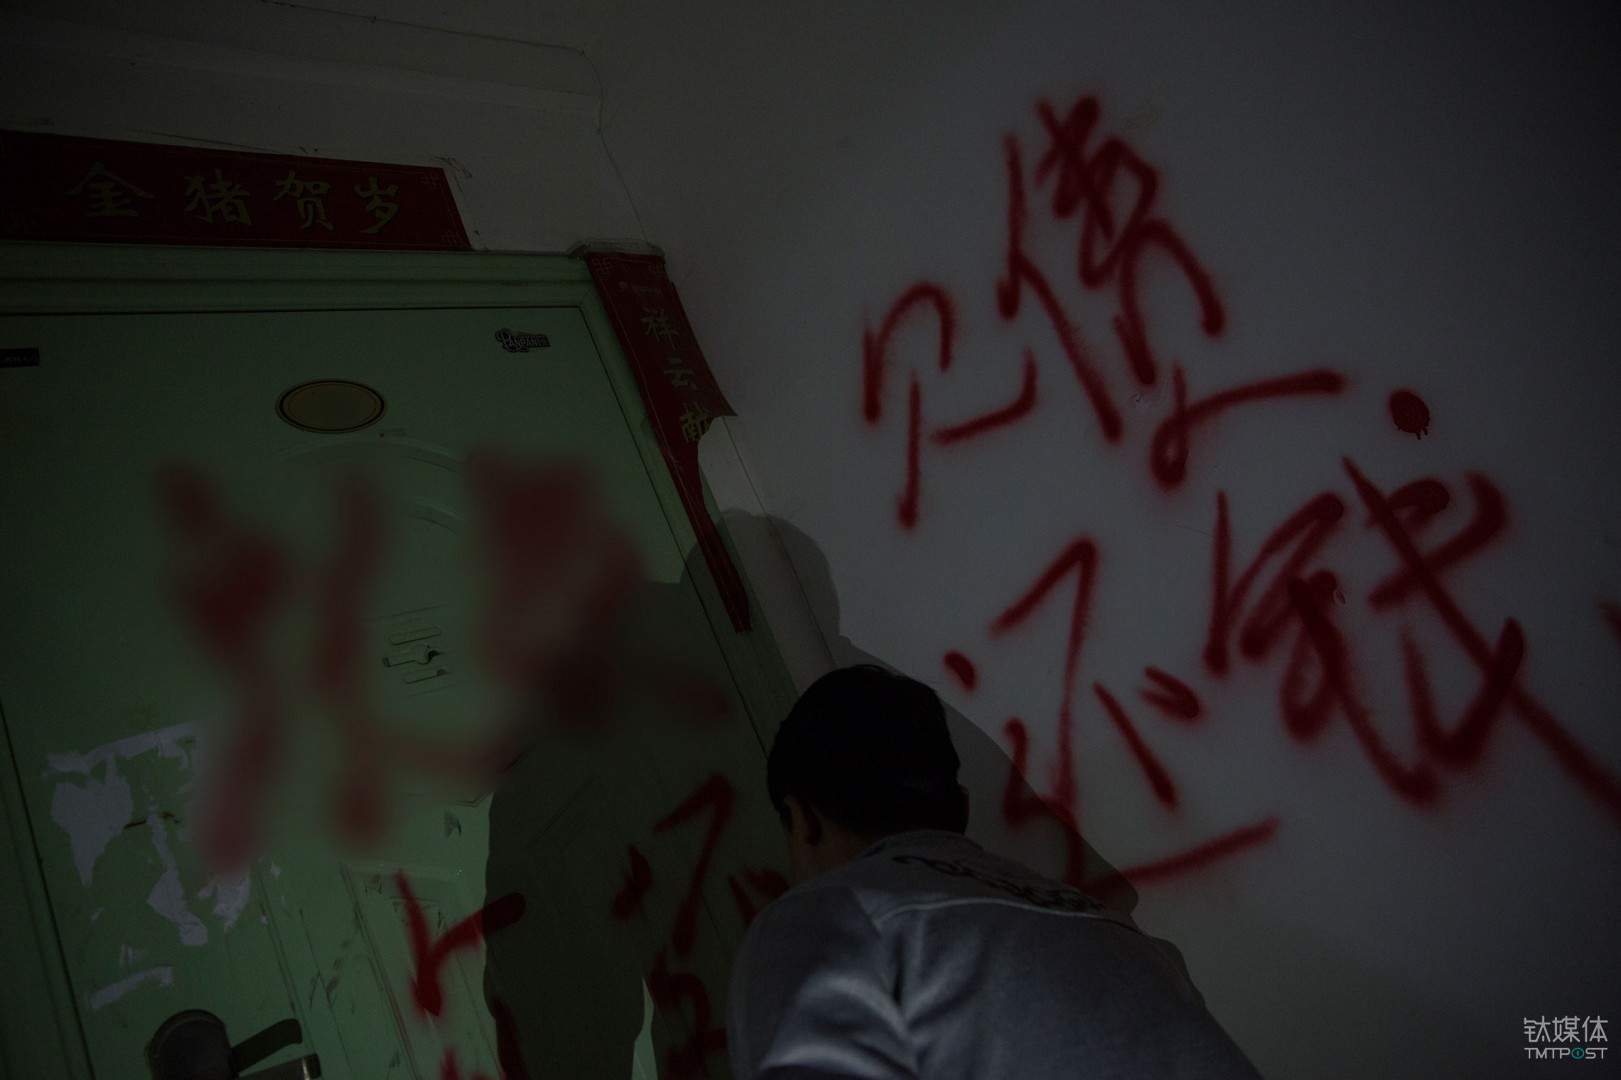 欠债还钱。广西,一名职业催债人在老赖家门上喷字。